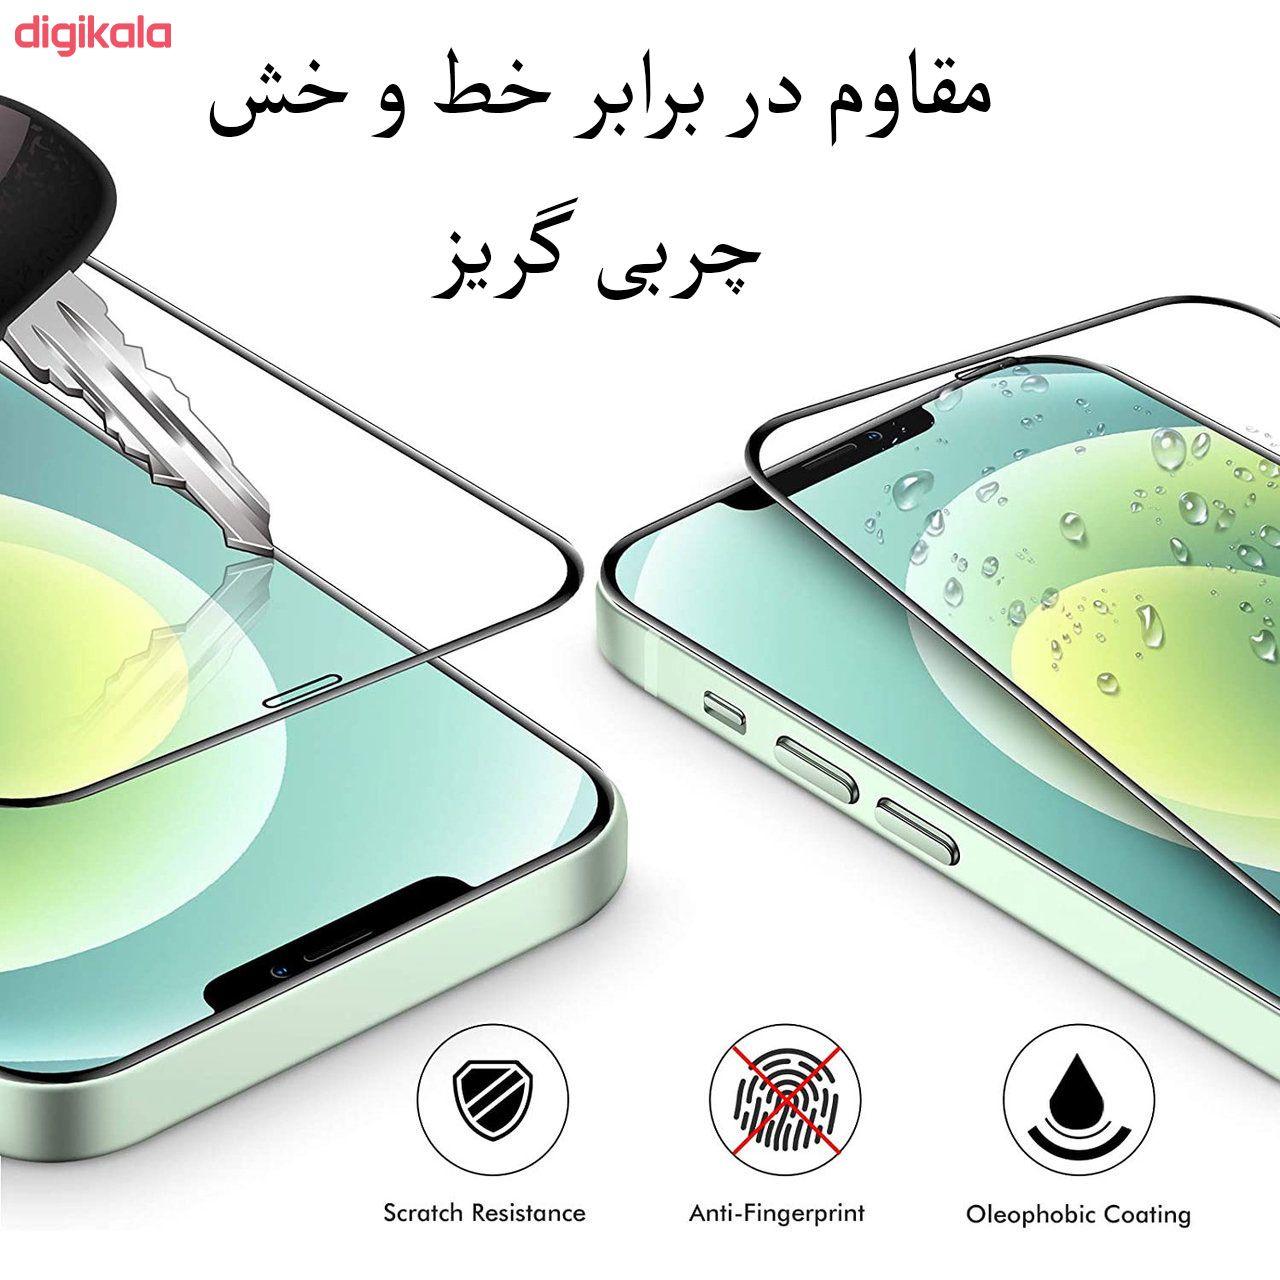 محافظ صفحه نمایش مدل FCG مناسب برای گوشی موبایل اپل iPhone 12 Pro بسته دو عددی main 1 14